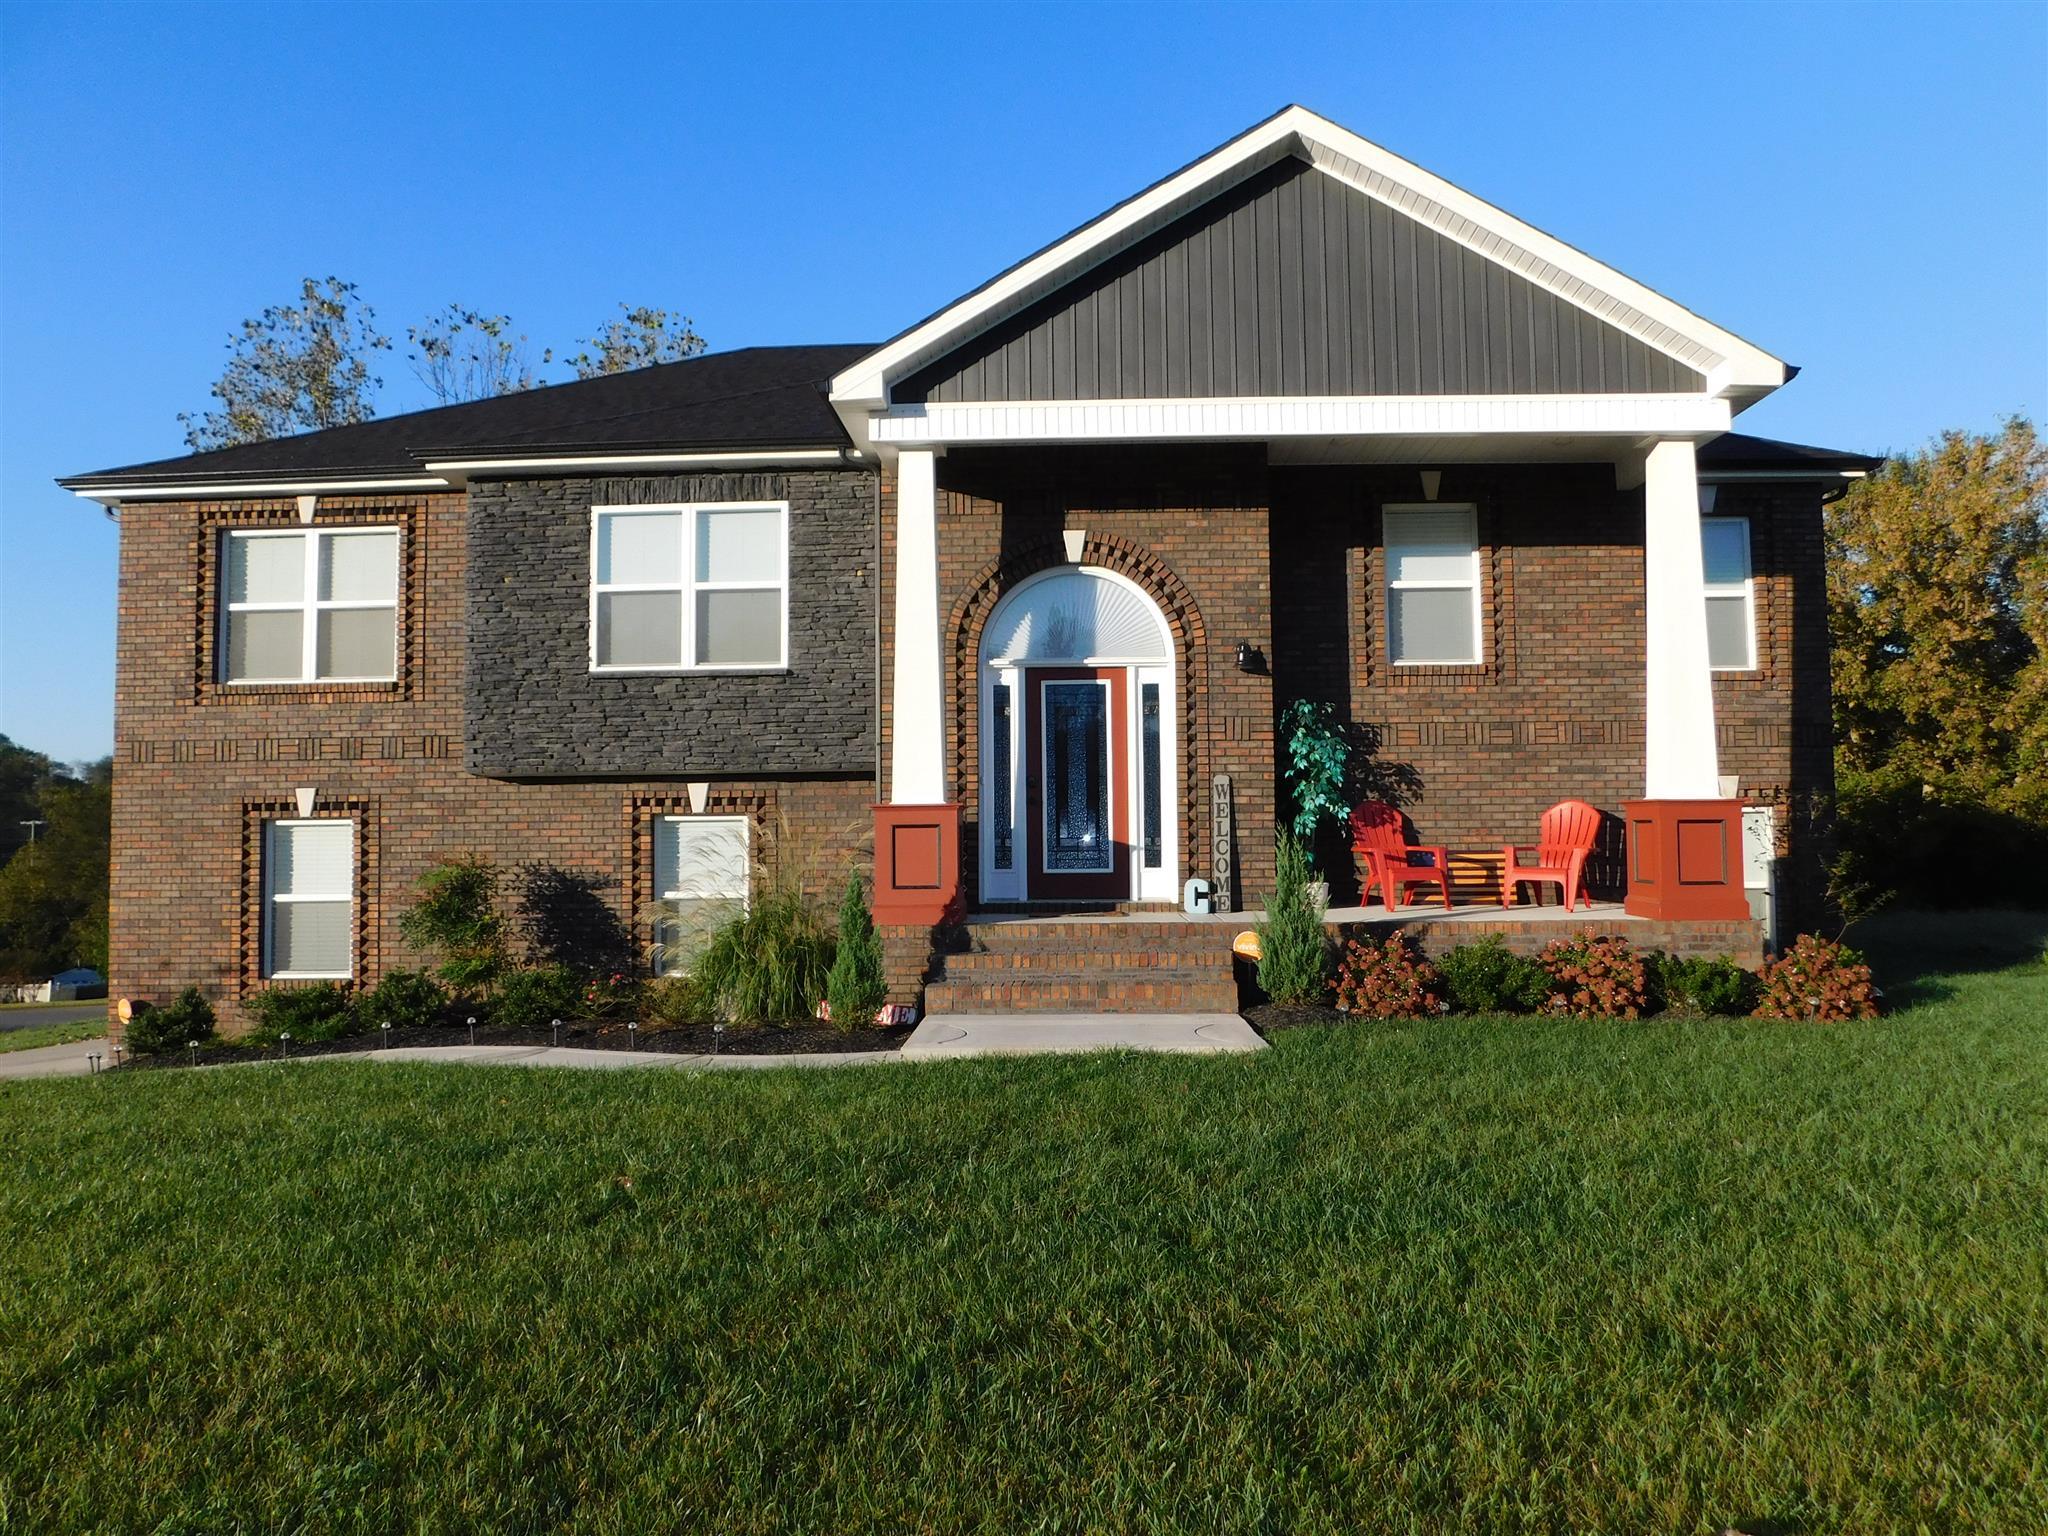 104 Kingstons Cv Clarksville, TN 37042